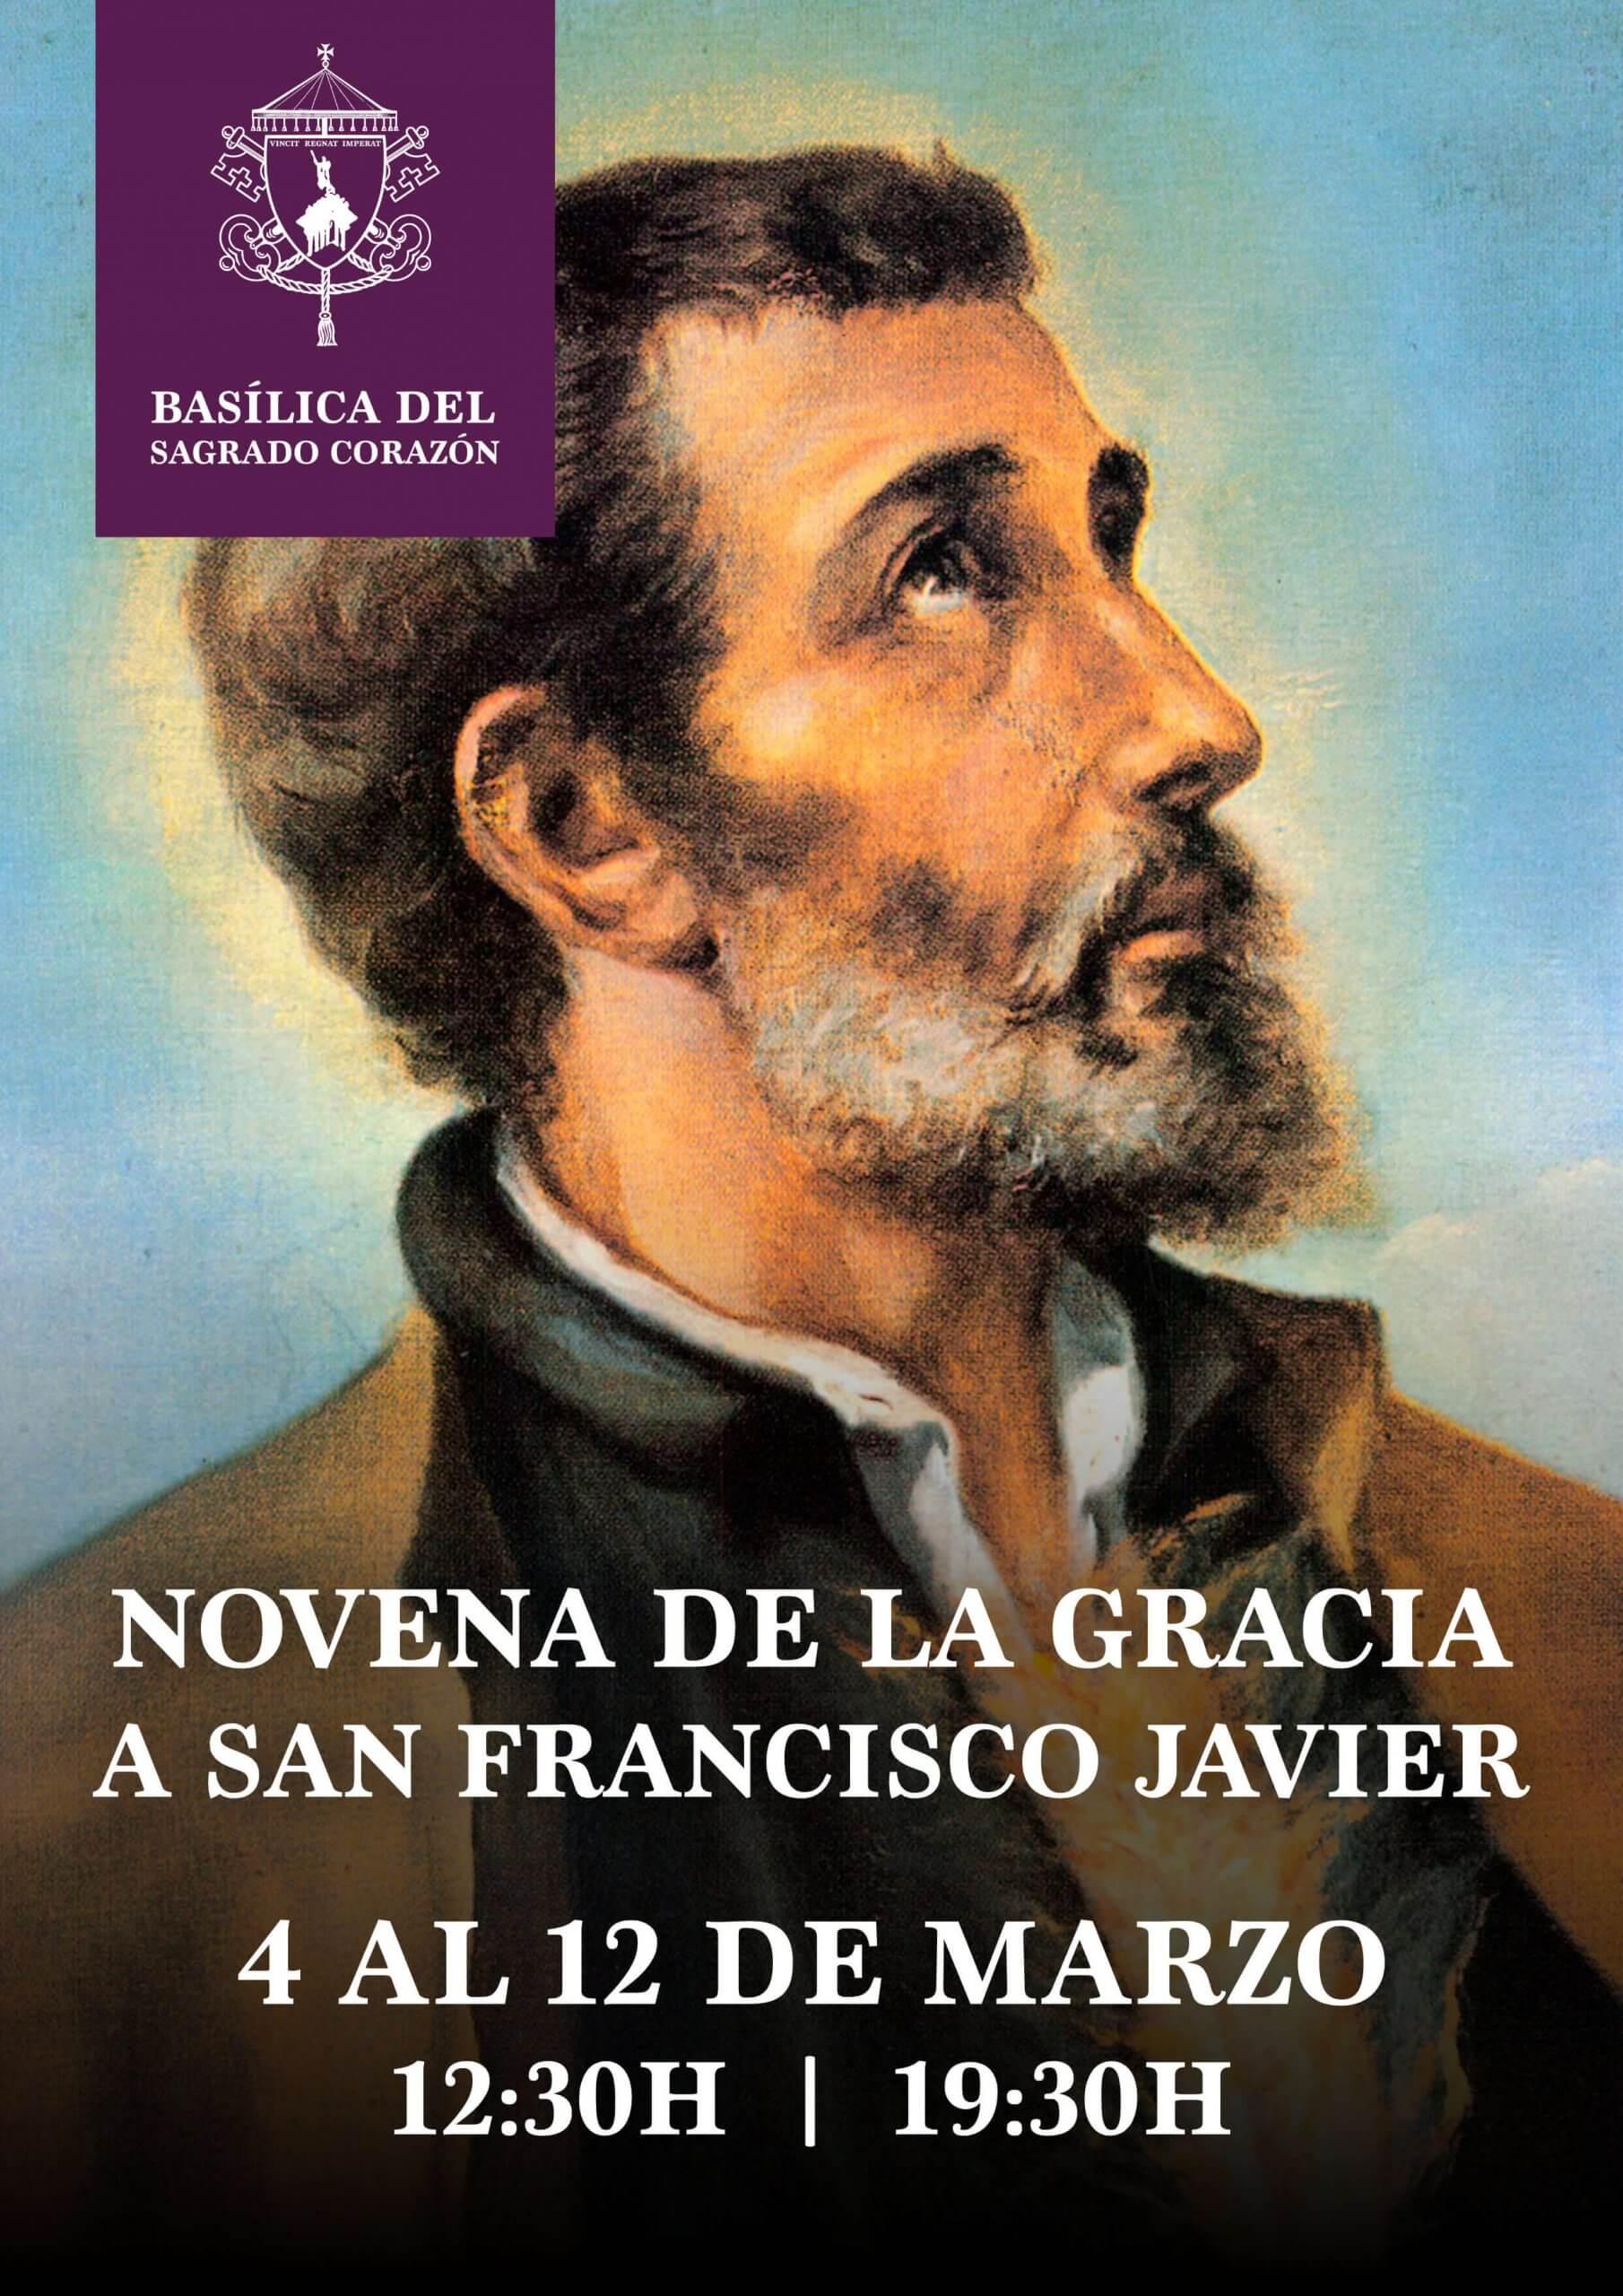 Novena de la Gracia a San Francisco Javier, 2020